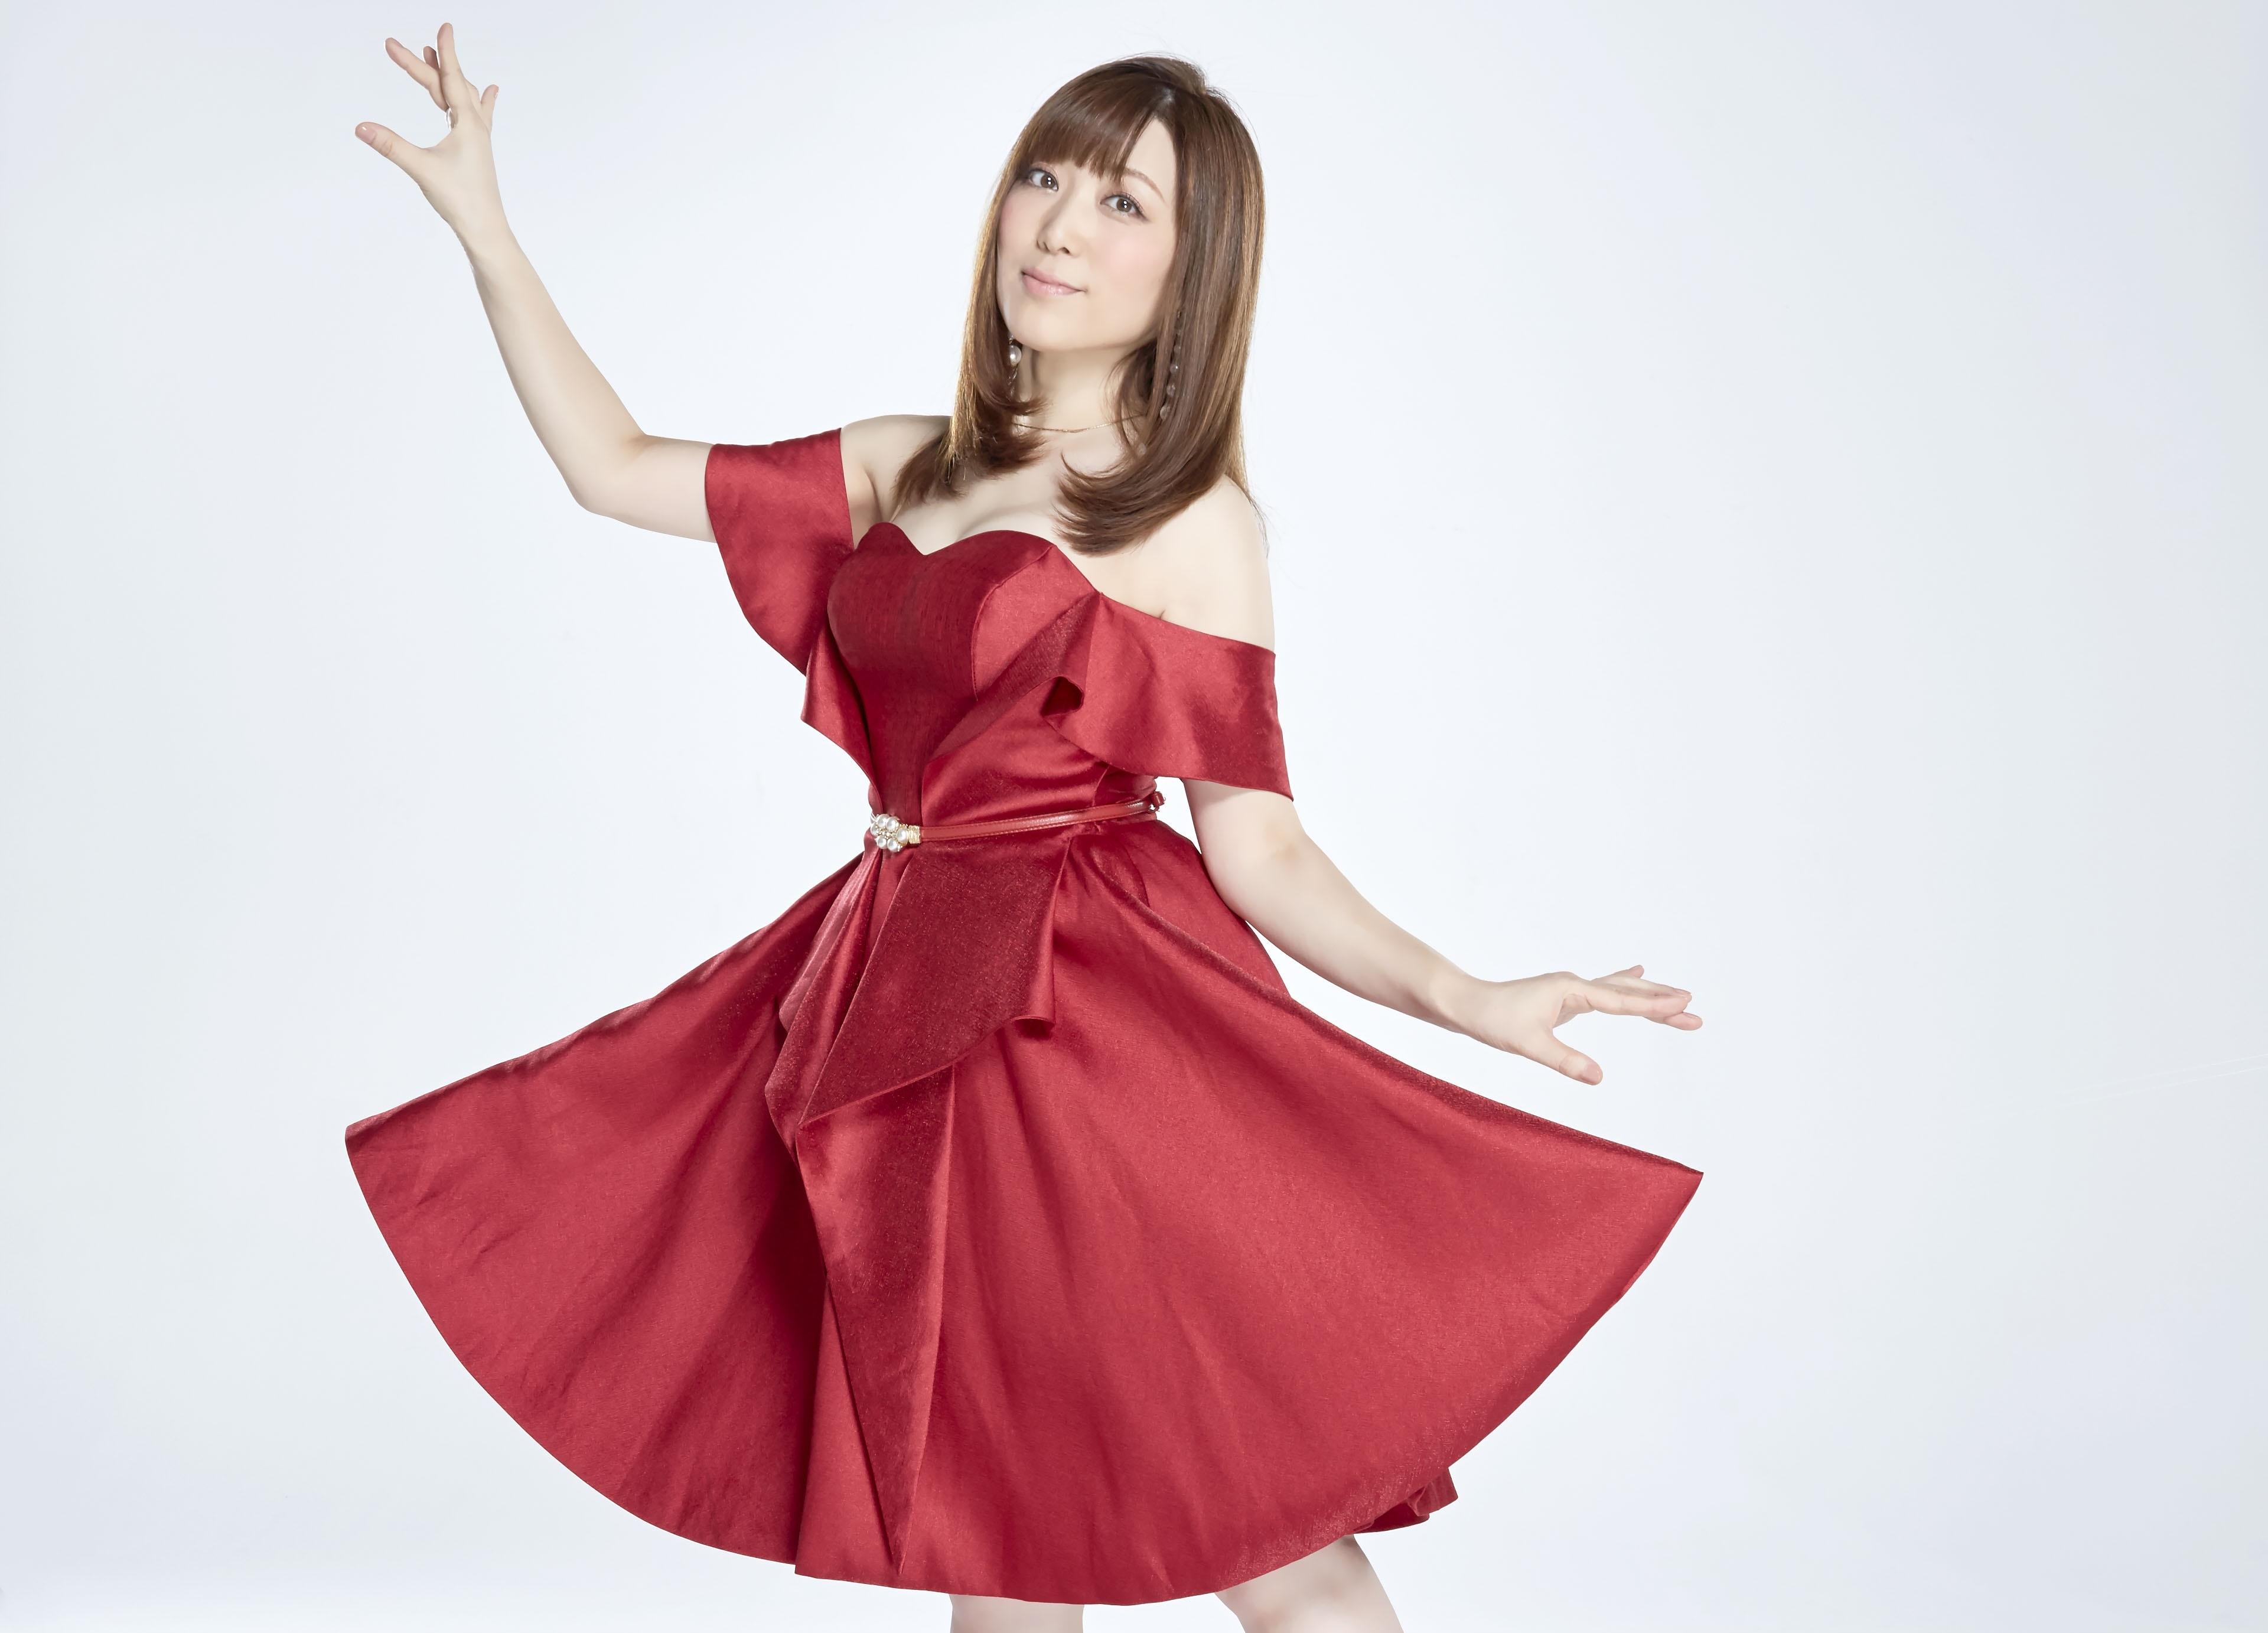 アニソンシンガー・Minami「栗林みな実」として8月3日より活動再開